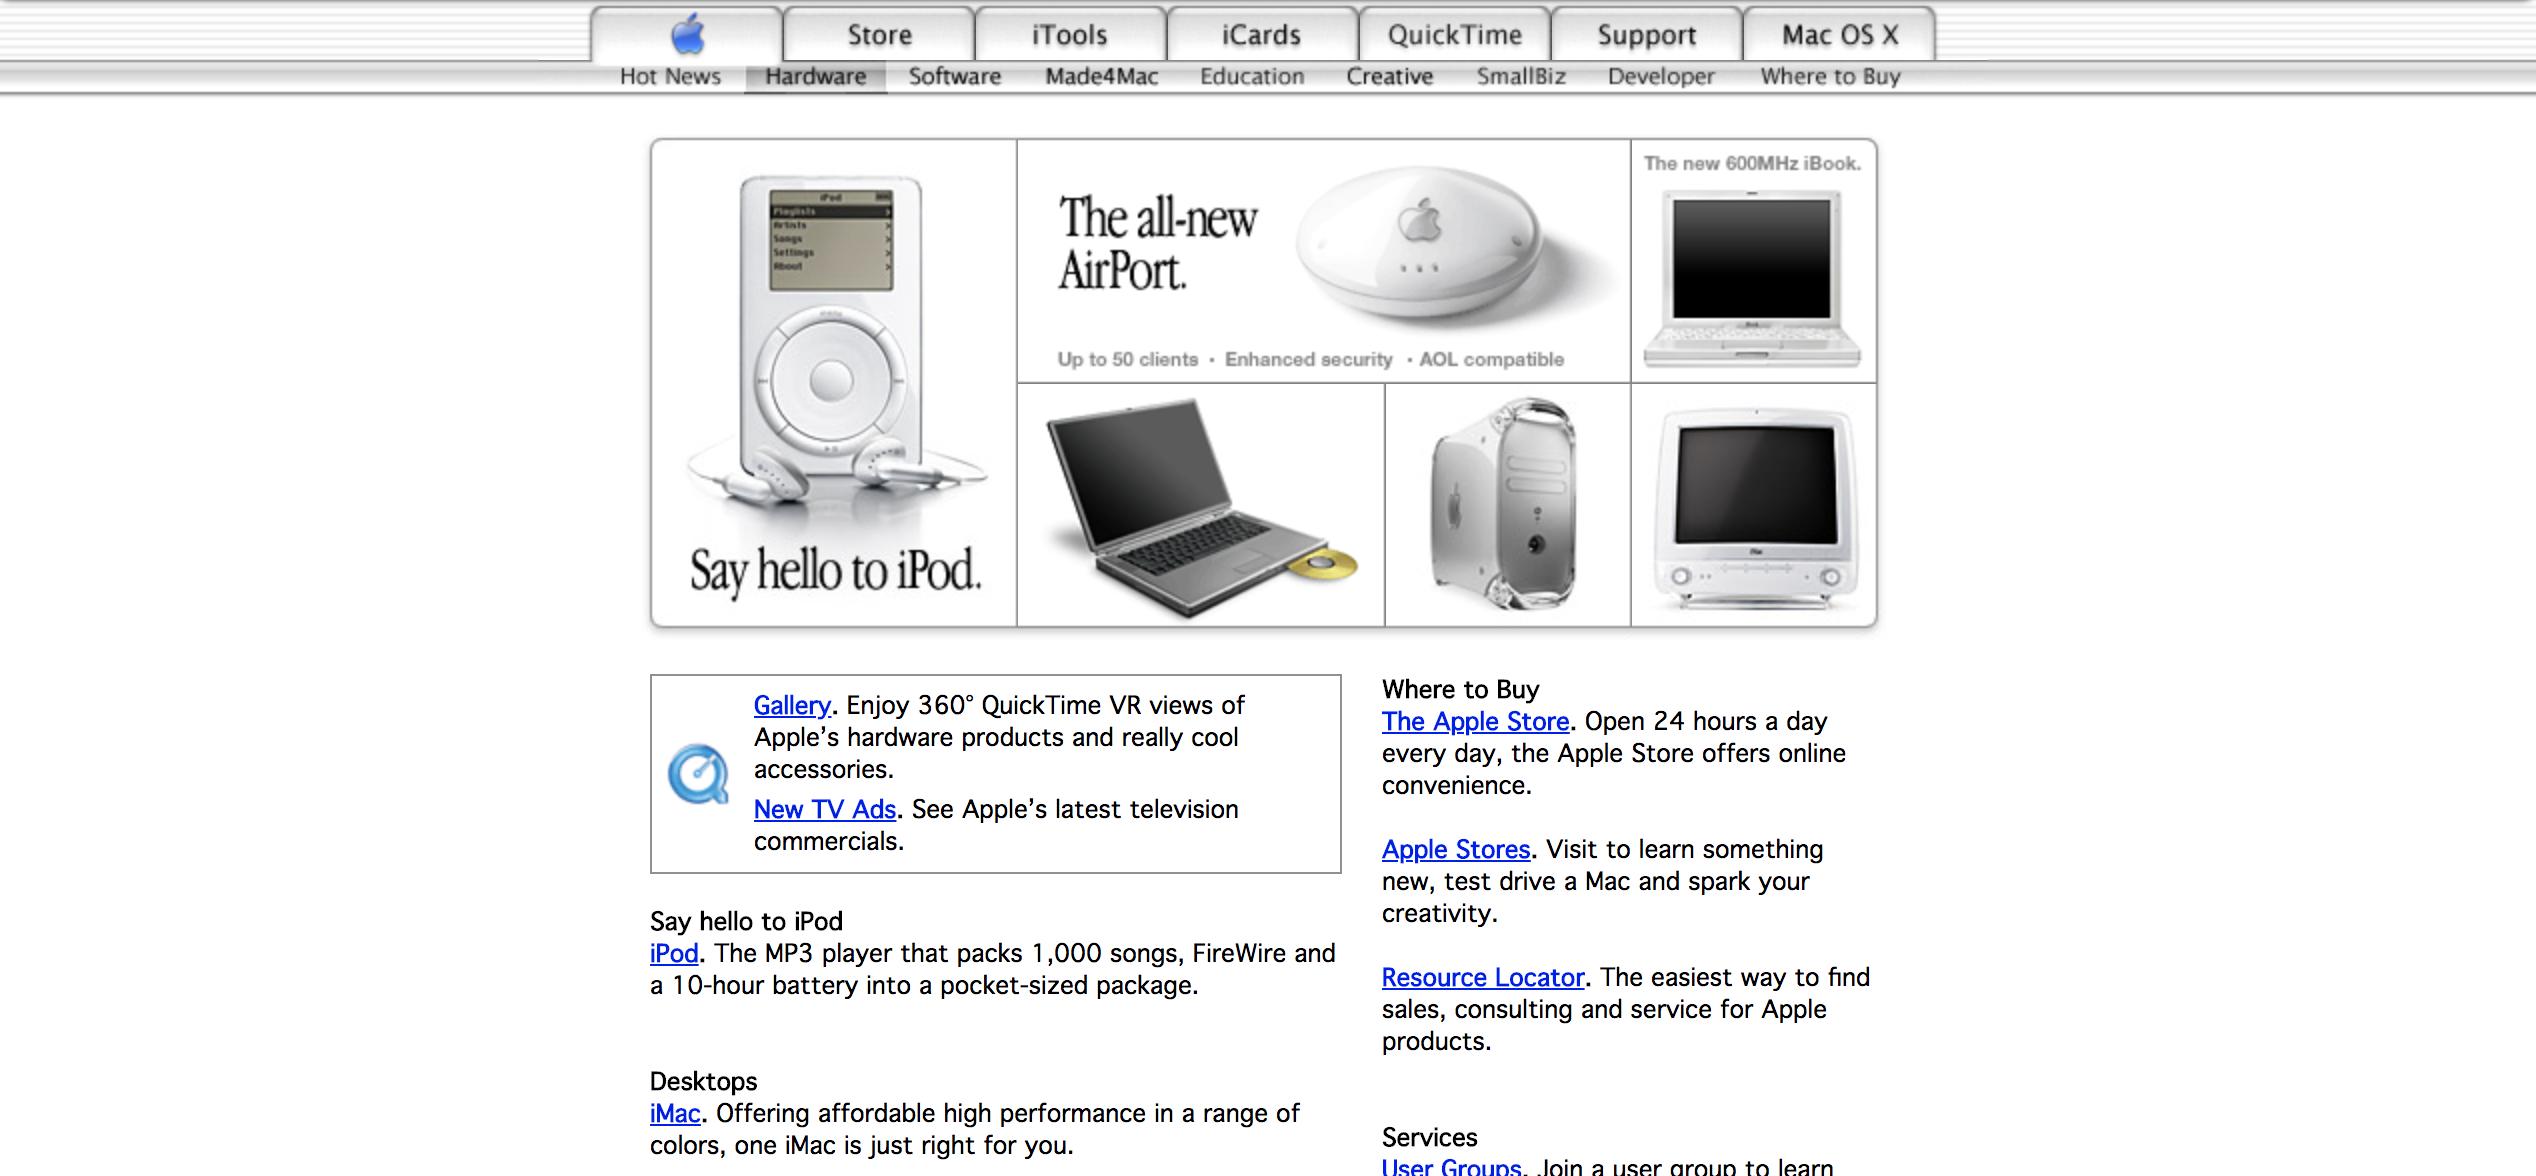 官网截图详细介绍,带你回顾2000-2006年的Apple Mac产品(上,2000年、2001年、2002年)